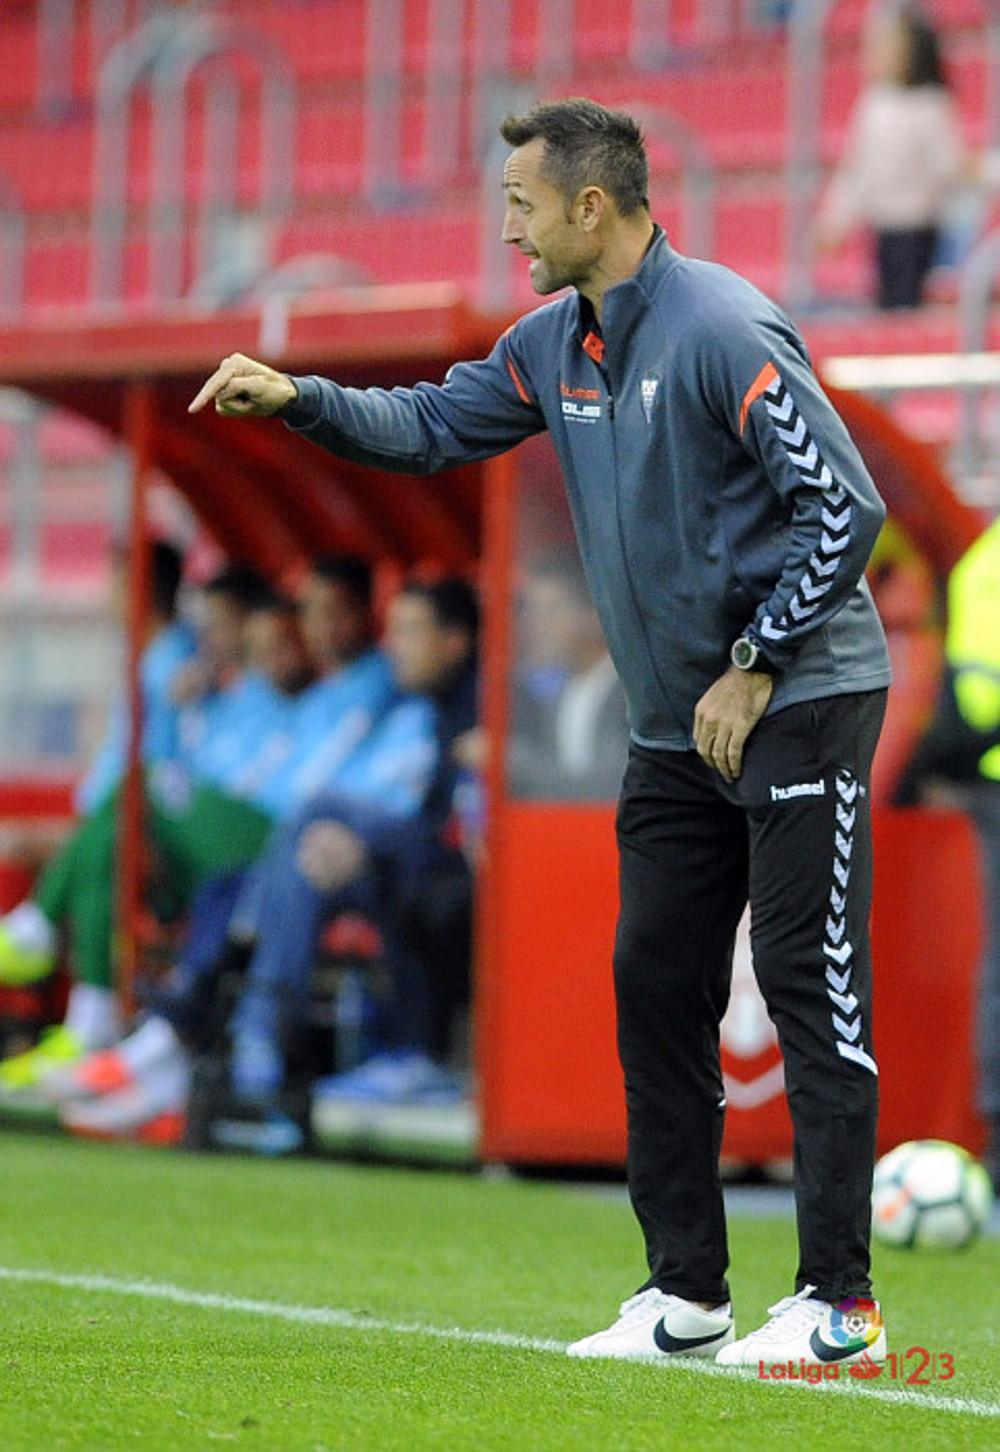 José Manuel Aira